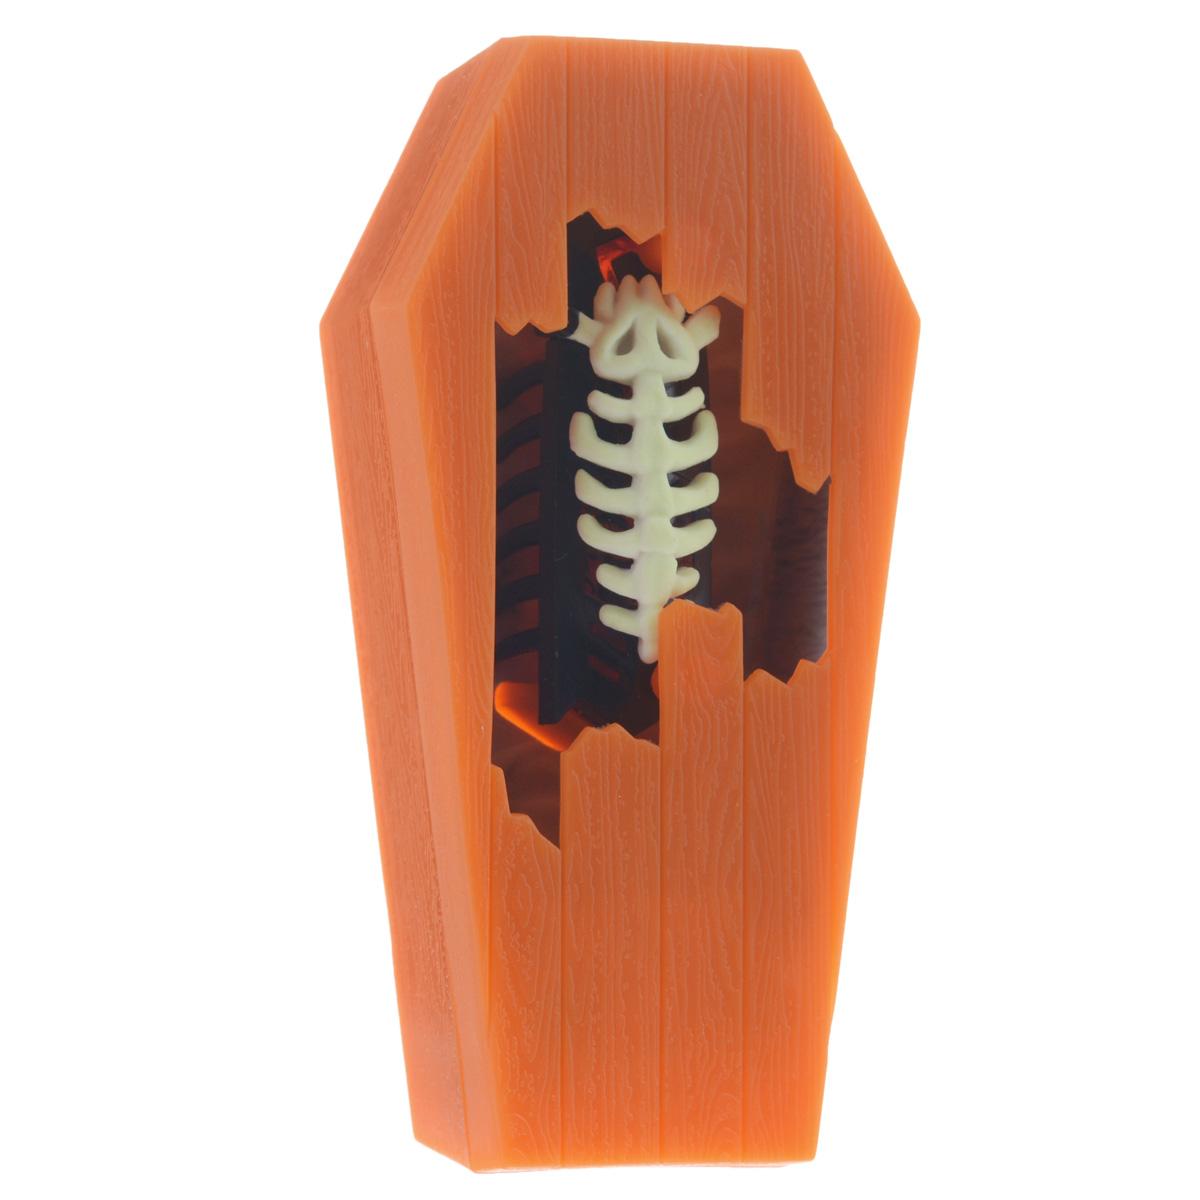 Микро-робот Hexbug NanoZombie, цвет: оранжевый477-2096_2Уникальный микро-робот Hexbug NanoZombie ведет себя словно это настоящее ползающее насекомое: его движения также непредсказуемы и быстры. Благодаря оригинальной конструкции микро-робот может самостоятельно бегать в поисках выхода из сложных лабиринтов. Игрушка изготовлена из безопасного пластика и выполнена в виде насекомого с двенадцатью лапками. Скелет на верхней части микро-робота фосфоресцентный, благодаря чему светиться в темноте. Для включения необходимо перевести выключатель в положение On. Микро-робот Hexbug NanoZombie упакован в пластиковую коробочку в виде гроба. Для работы игрушки необходима 1 батарея типа LR44 (входят в комплект).